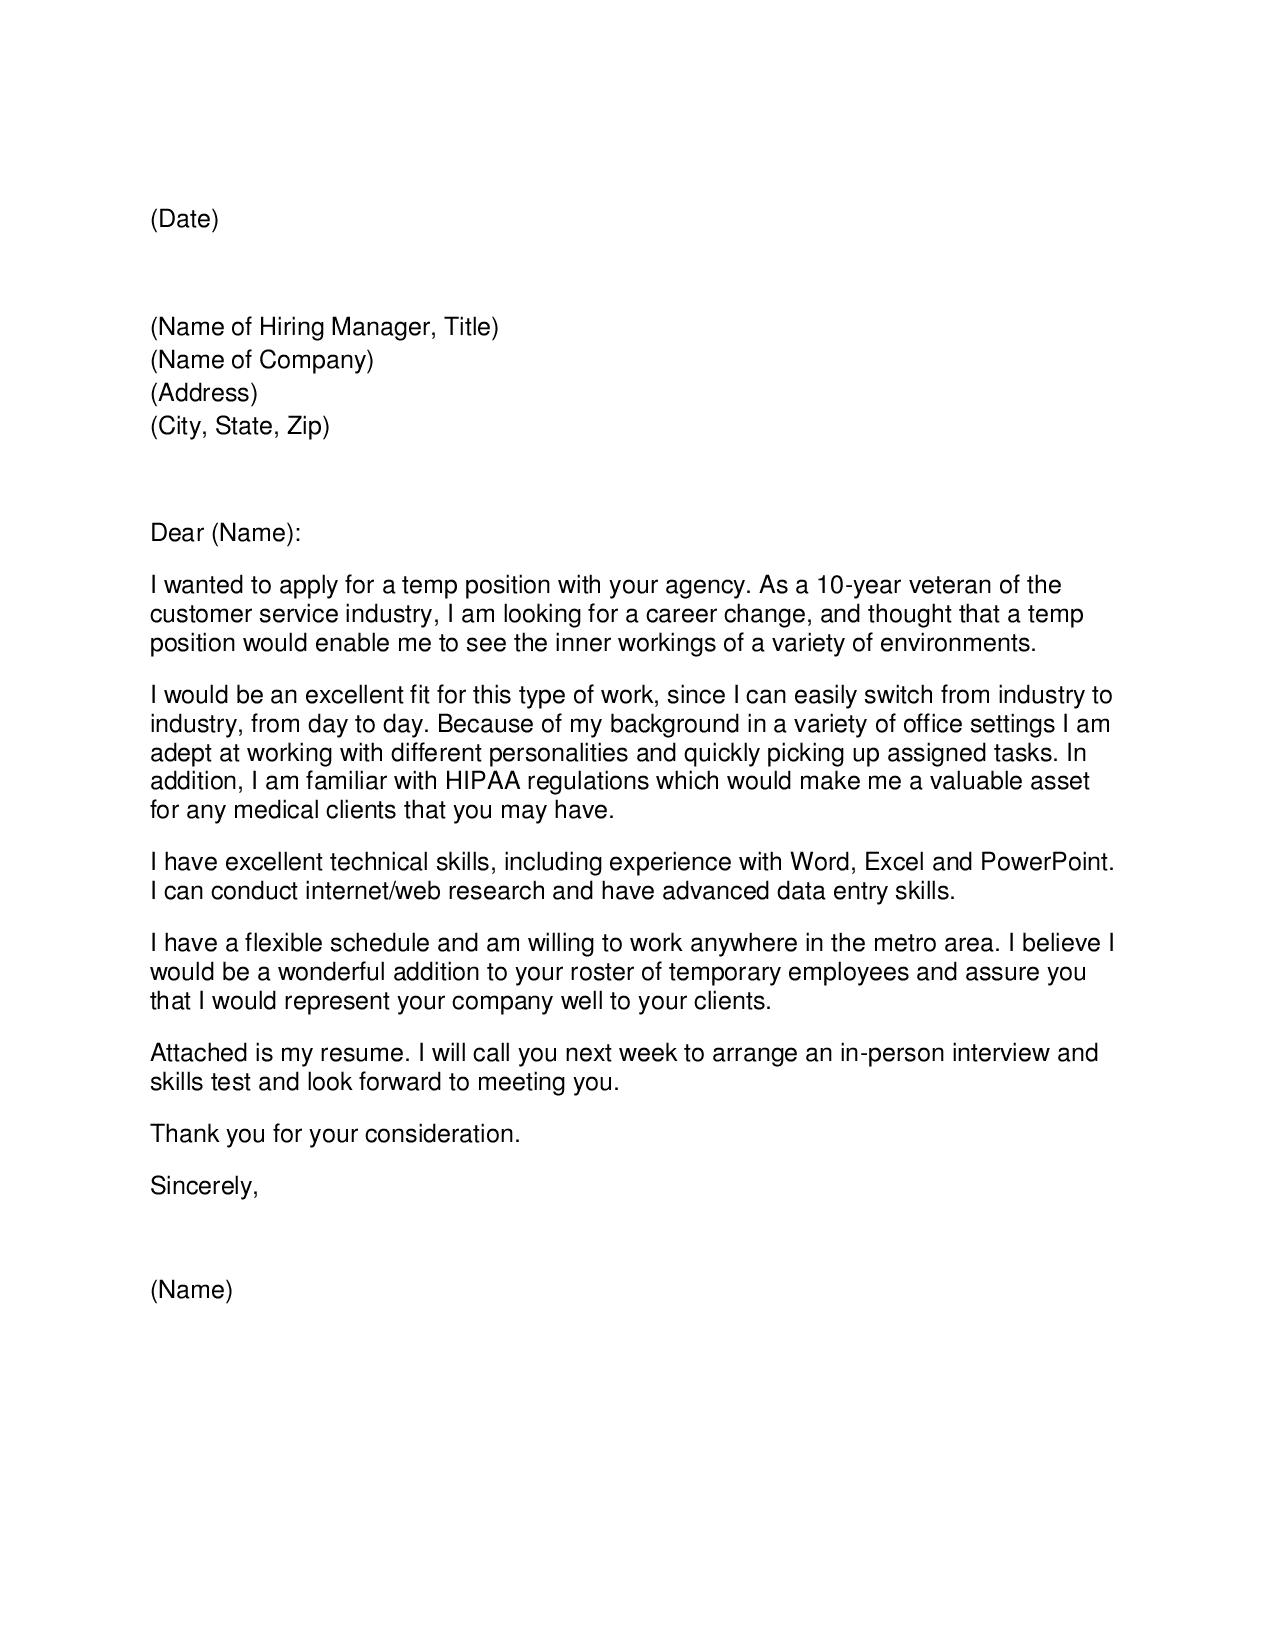 bain cover letter sample cover letter for sap consultant job template net cover letter investment banking - Bain Cover Letter